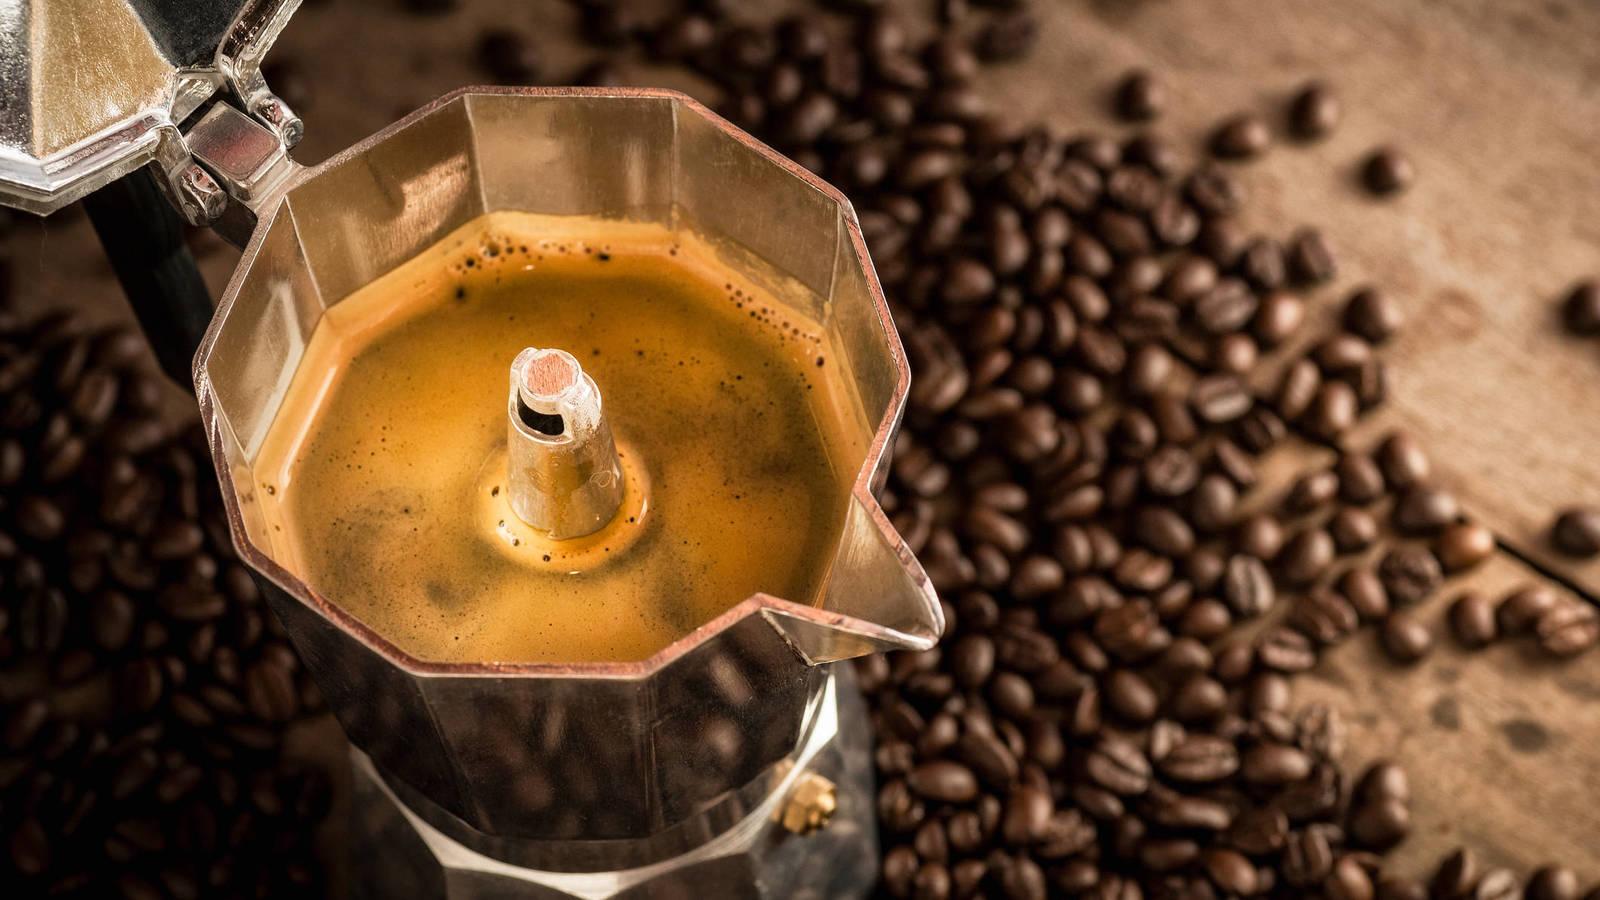 Mini curso de extracción de café en Moka Italiana!